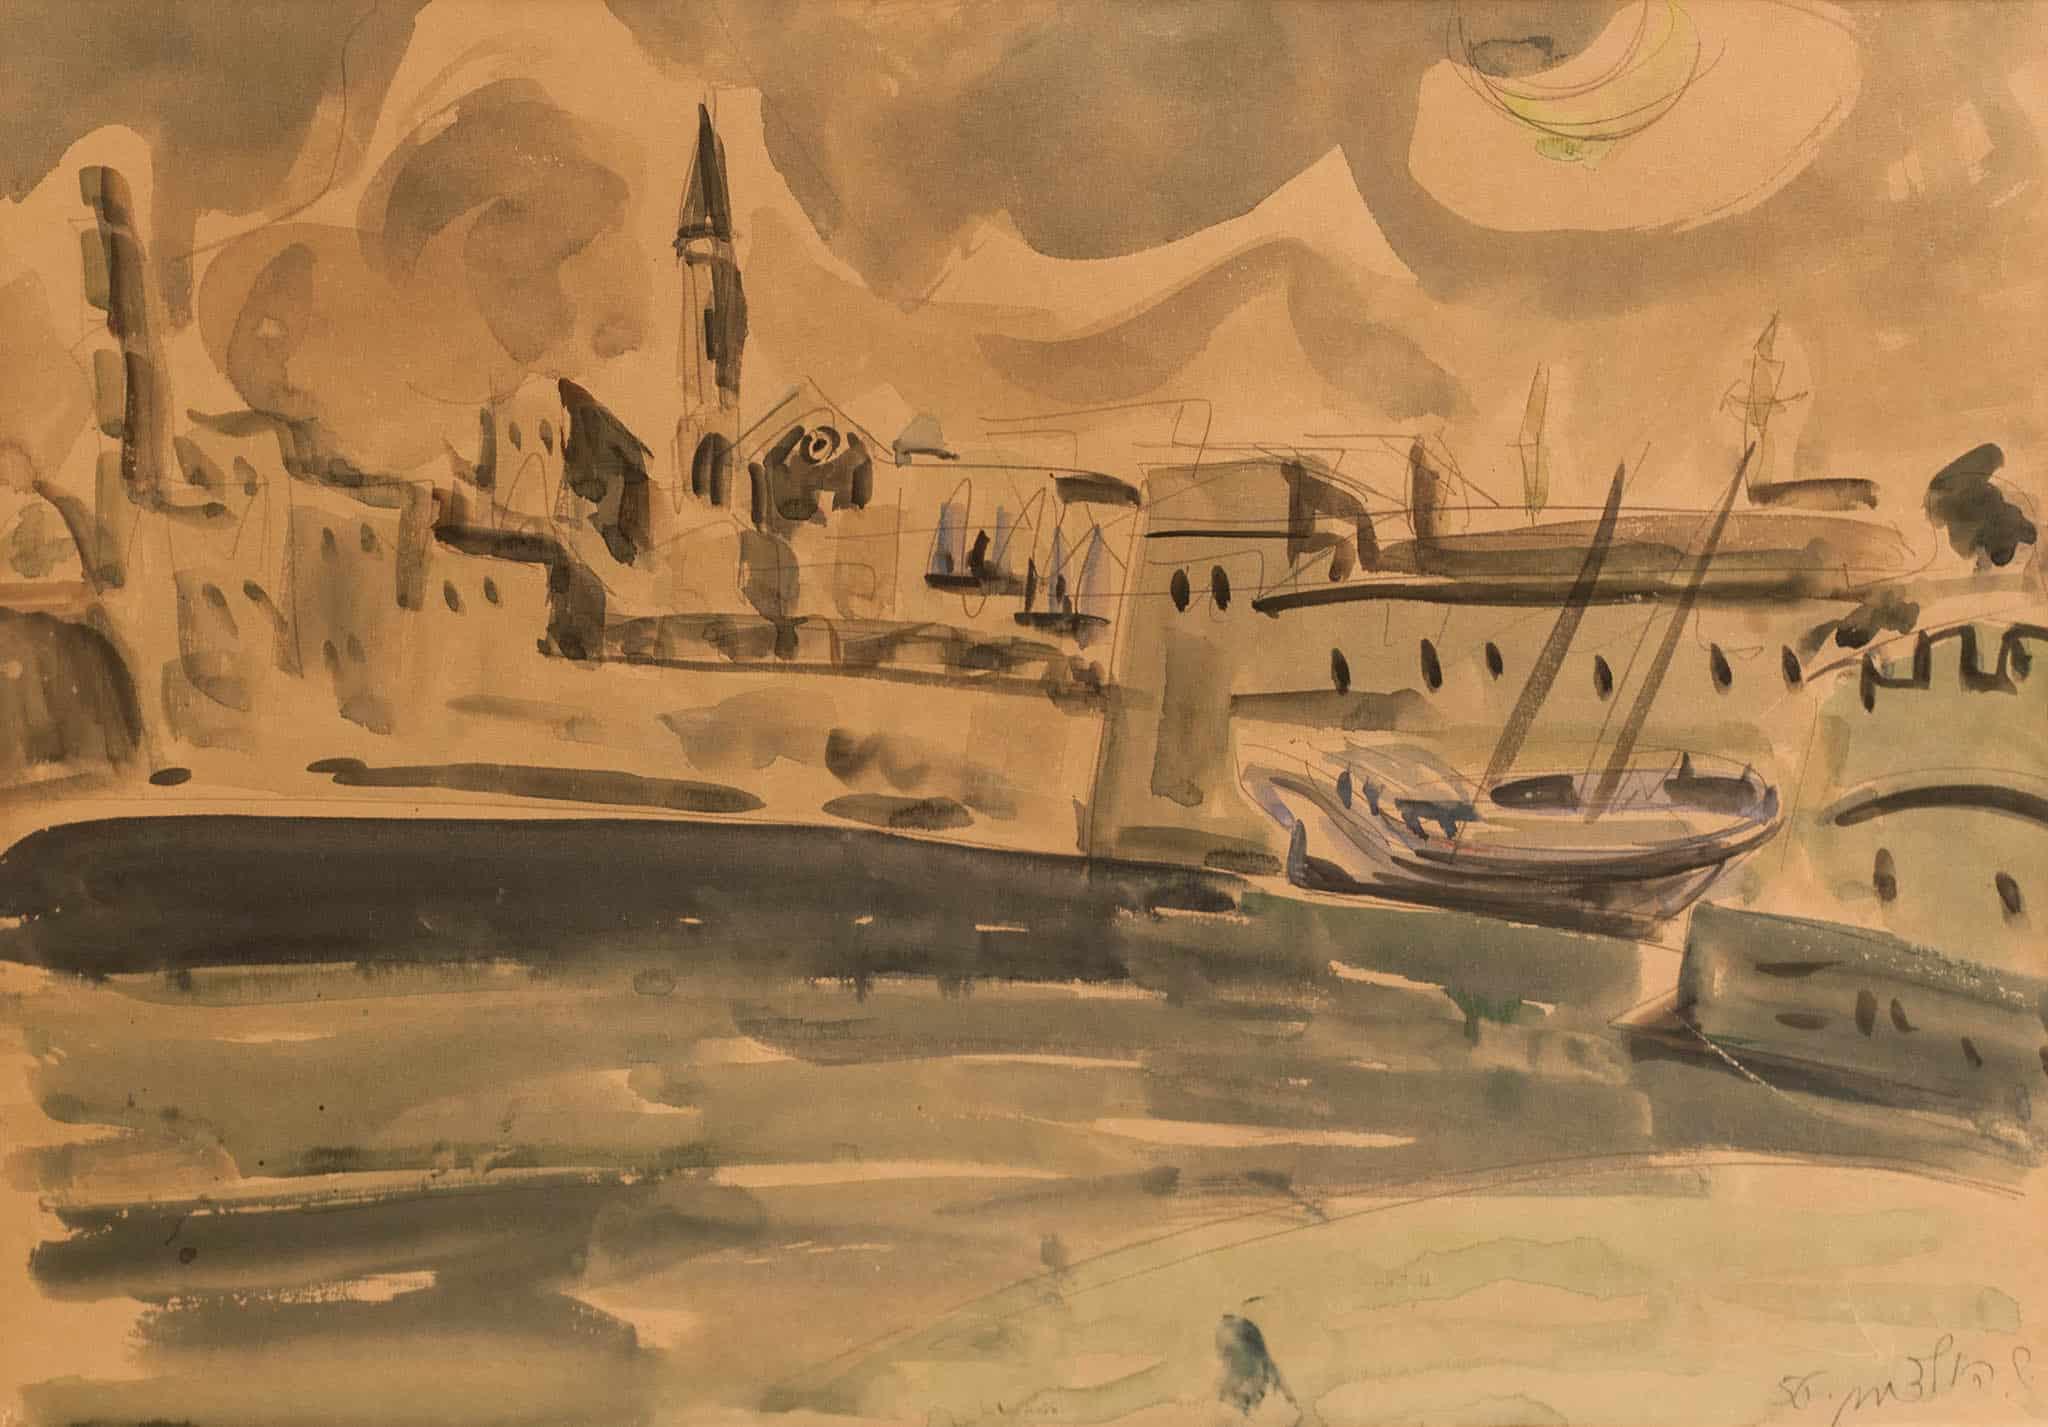 """שמשון הולצמן, """"עכו"""", 1956, אקוורל על נייר, 66x46 ס""""מ"""